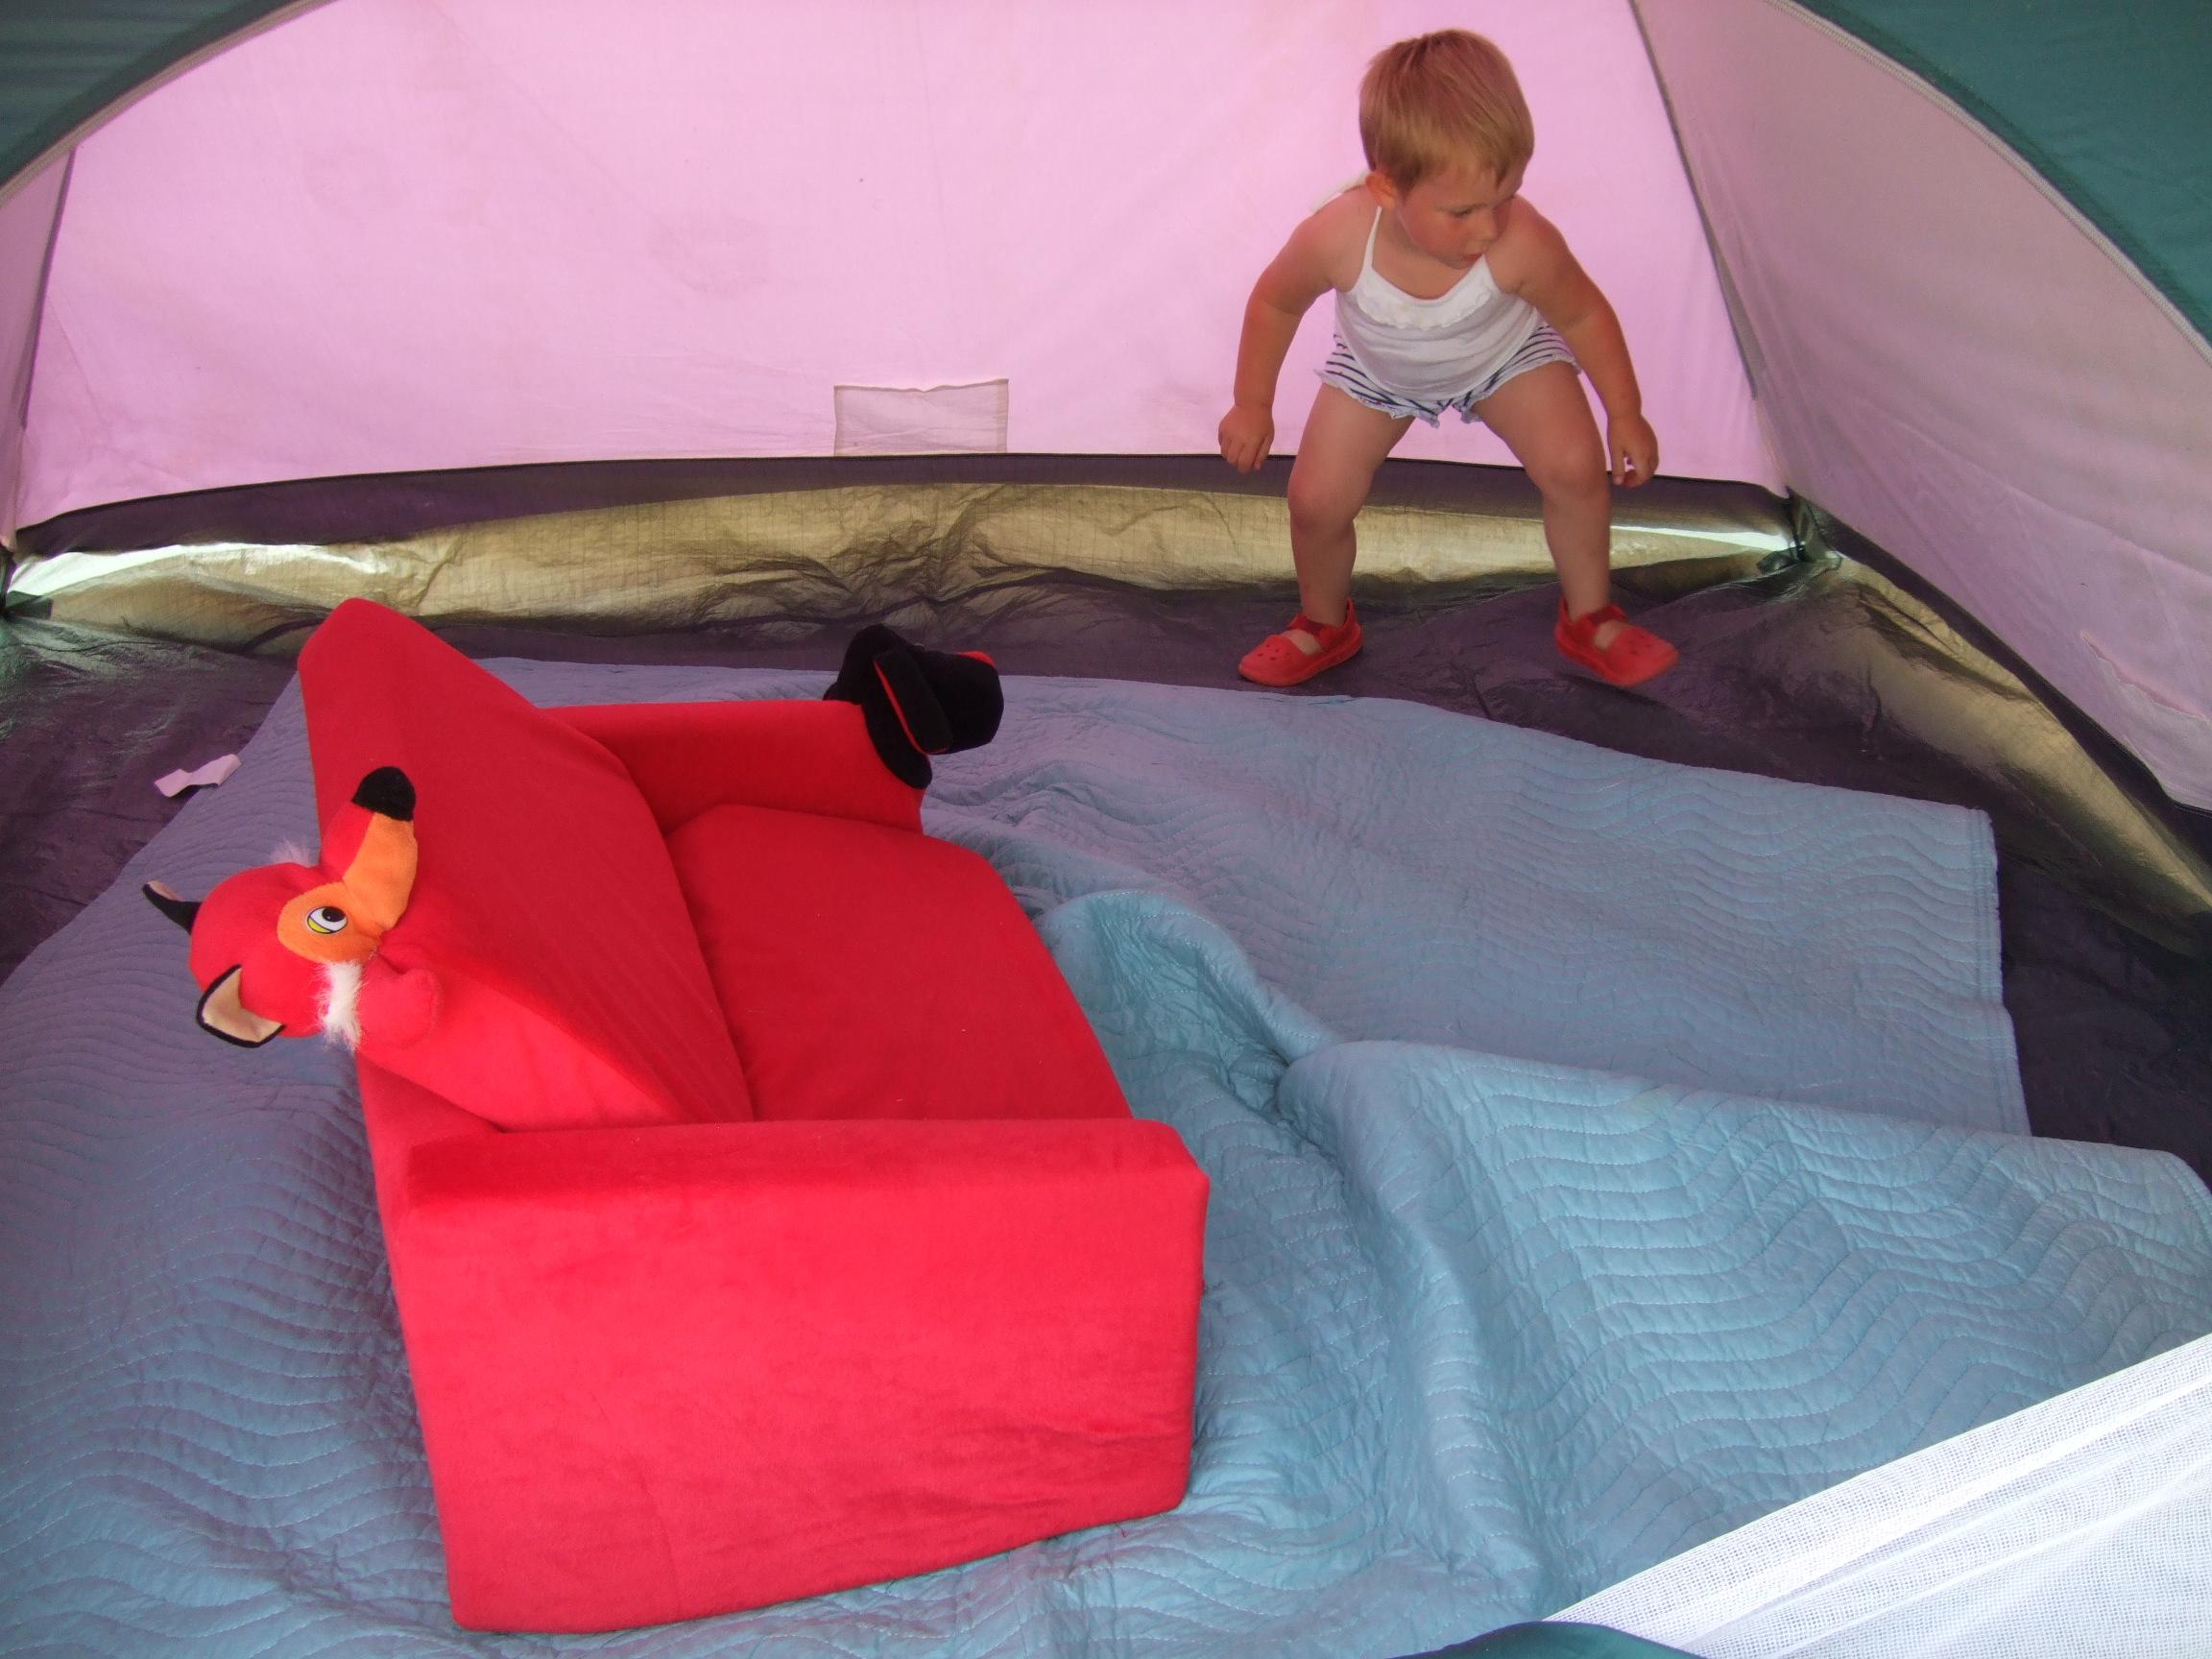 Poppy sets up the inside